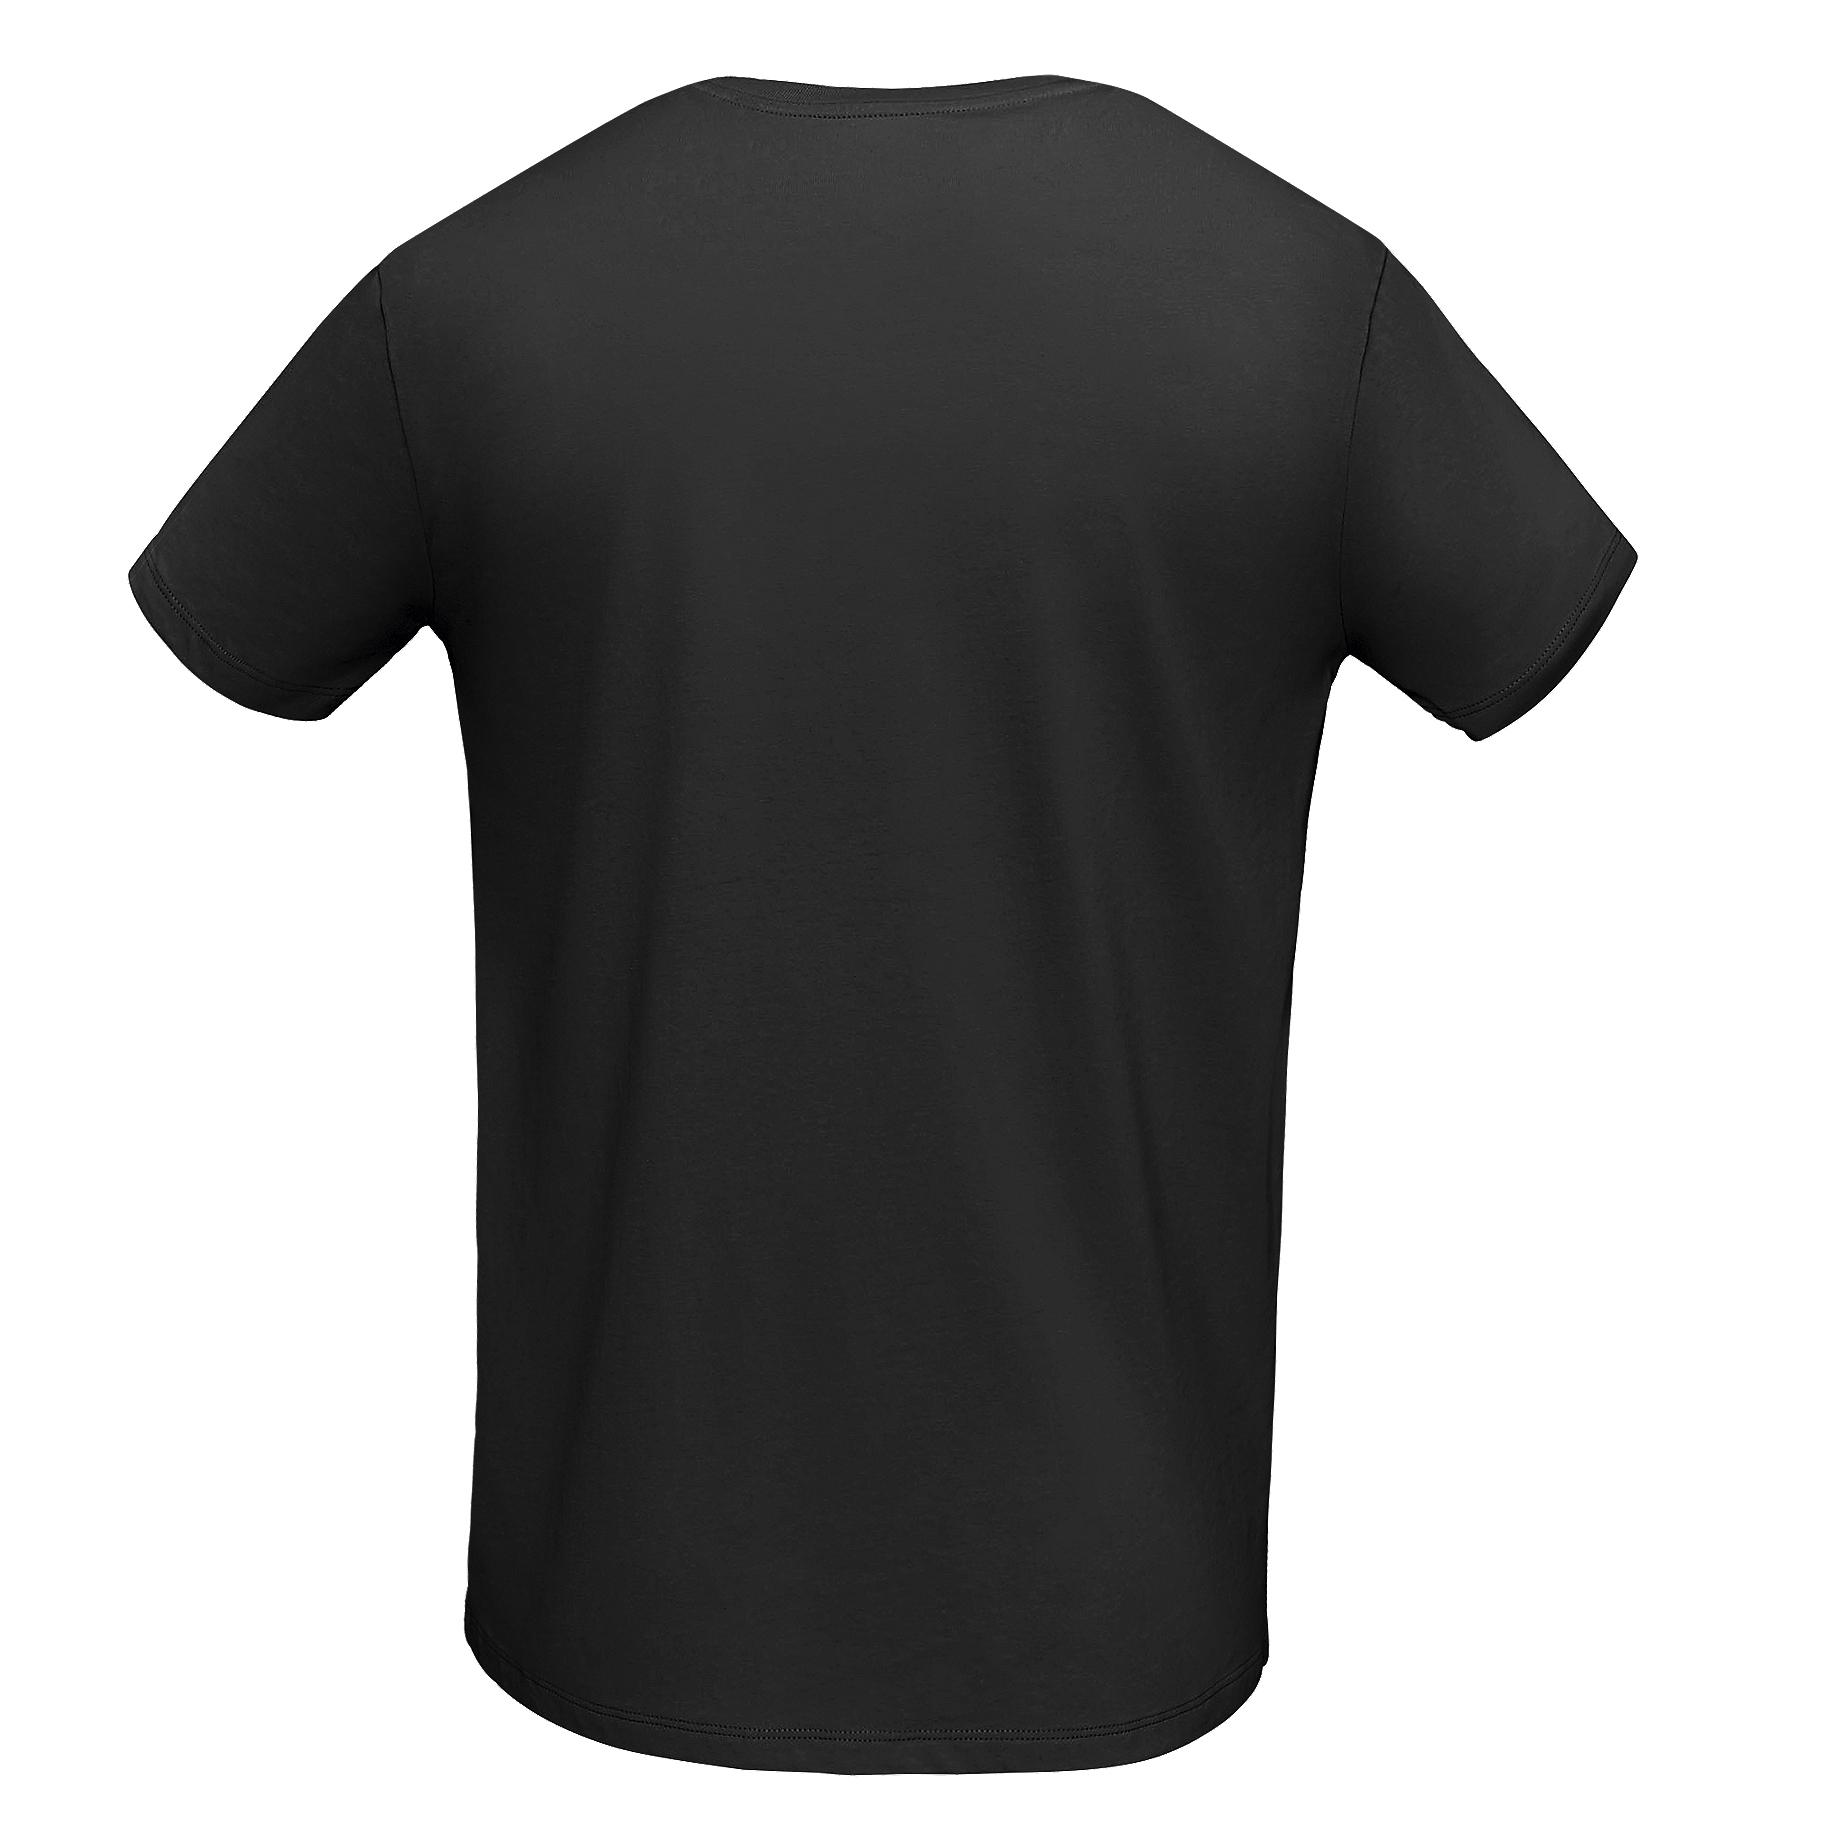 miniature 20 - SOLS - T-shirt manches courtes MARTIN - Homme (PC4084)